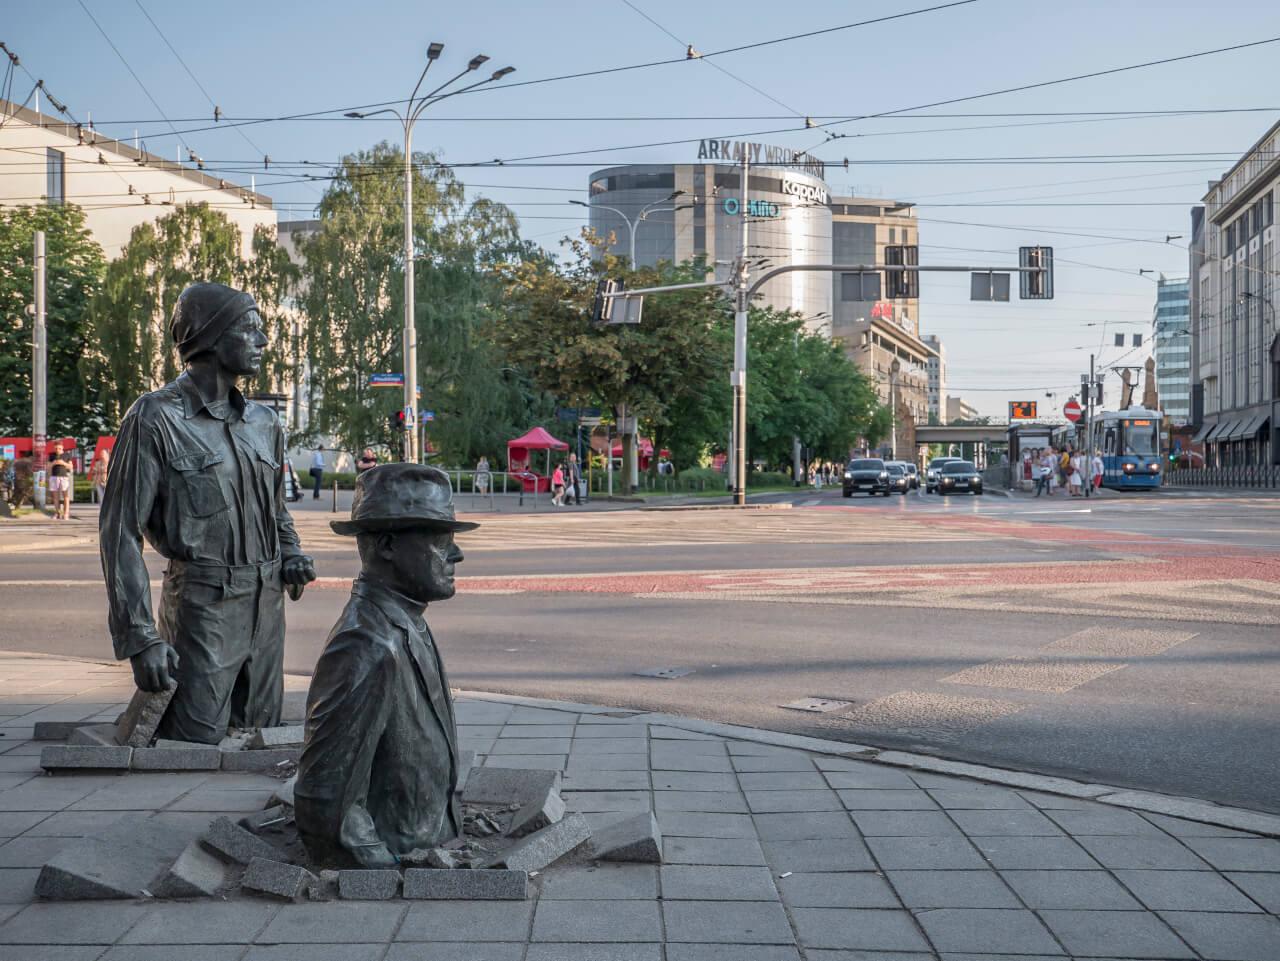 Widok na Arkady Wrocławskie z pomnika Anonimowego Przechodnia